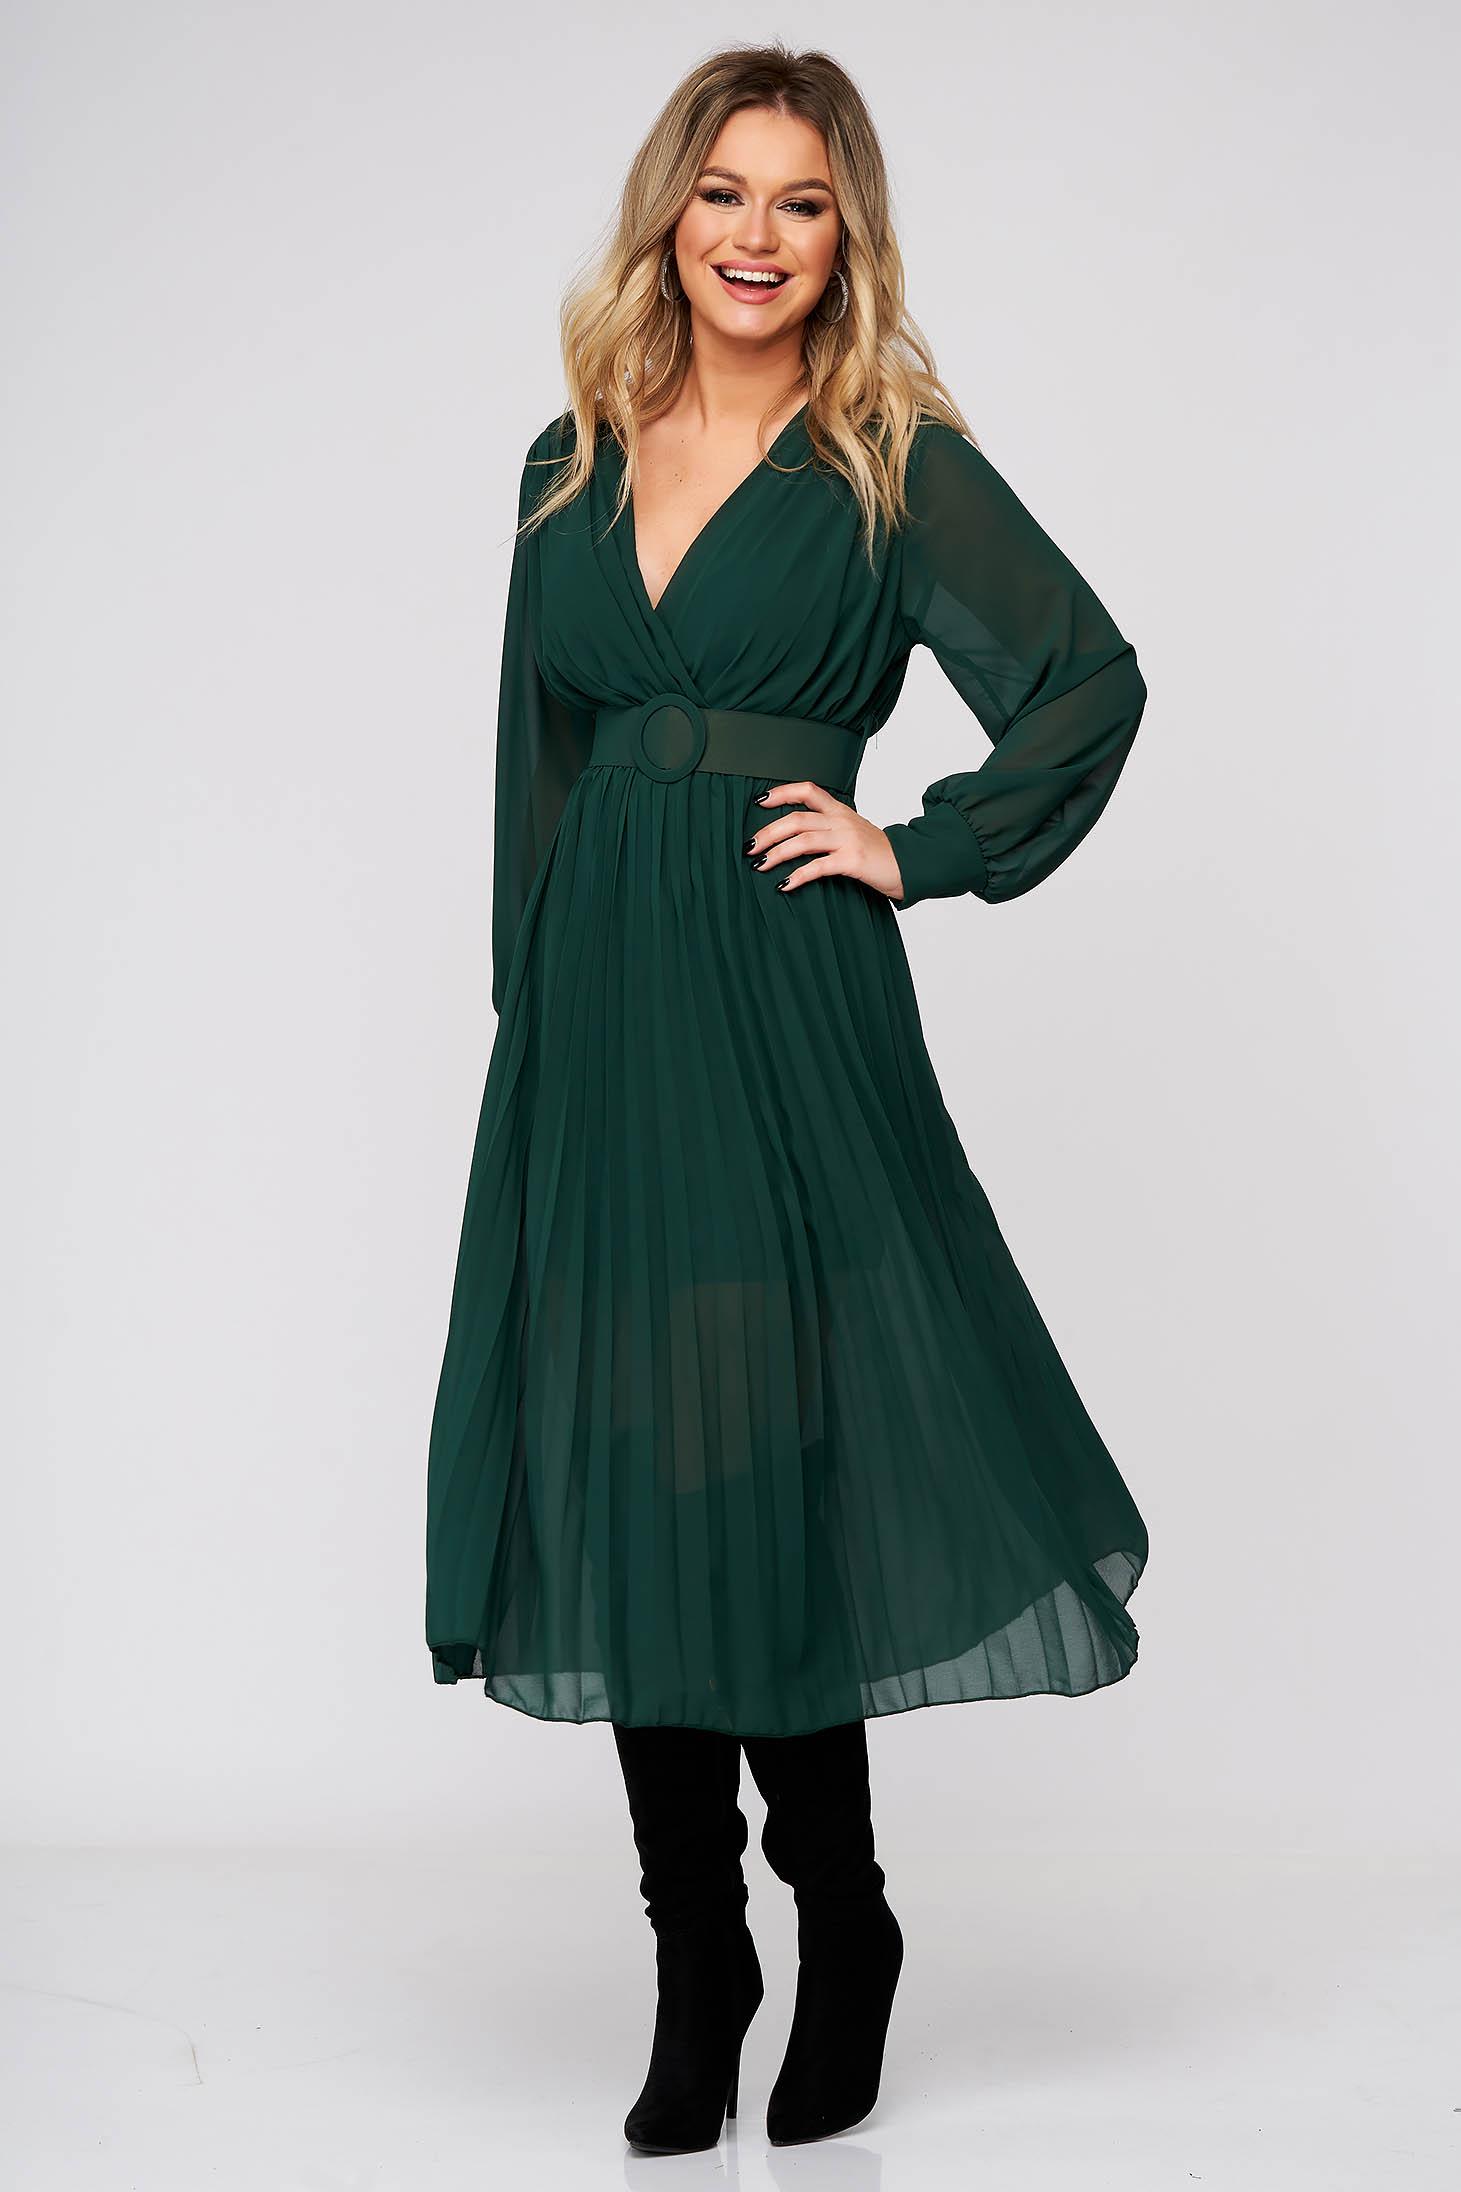 Zöld elegáns midi ruha rakott, pliszírozott muszlinból harang alakú szoknyával gumirozott derékrésszel